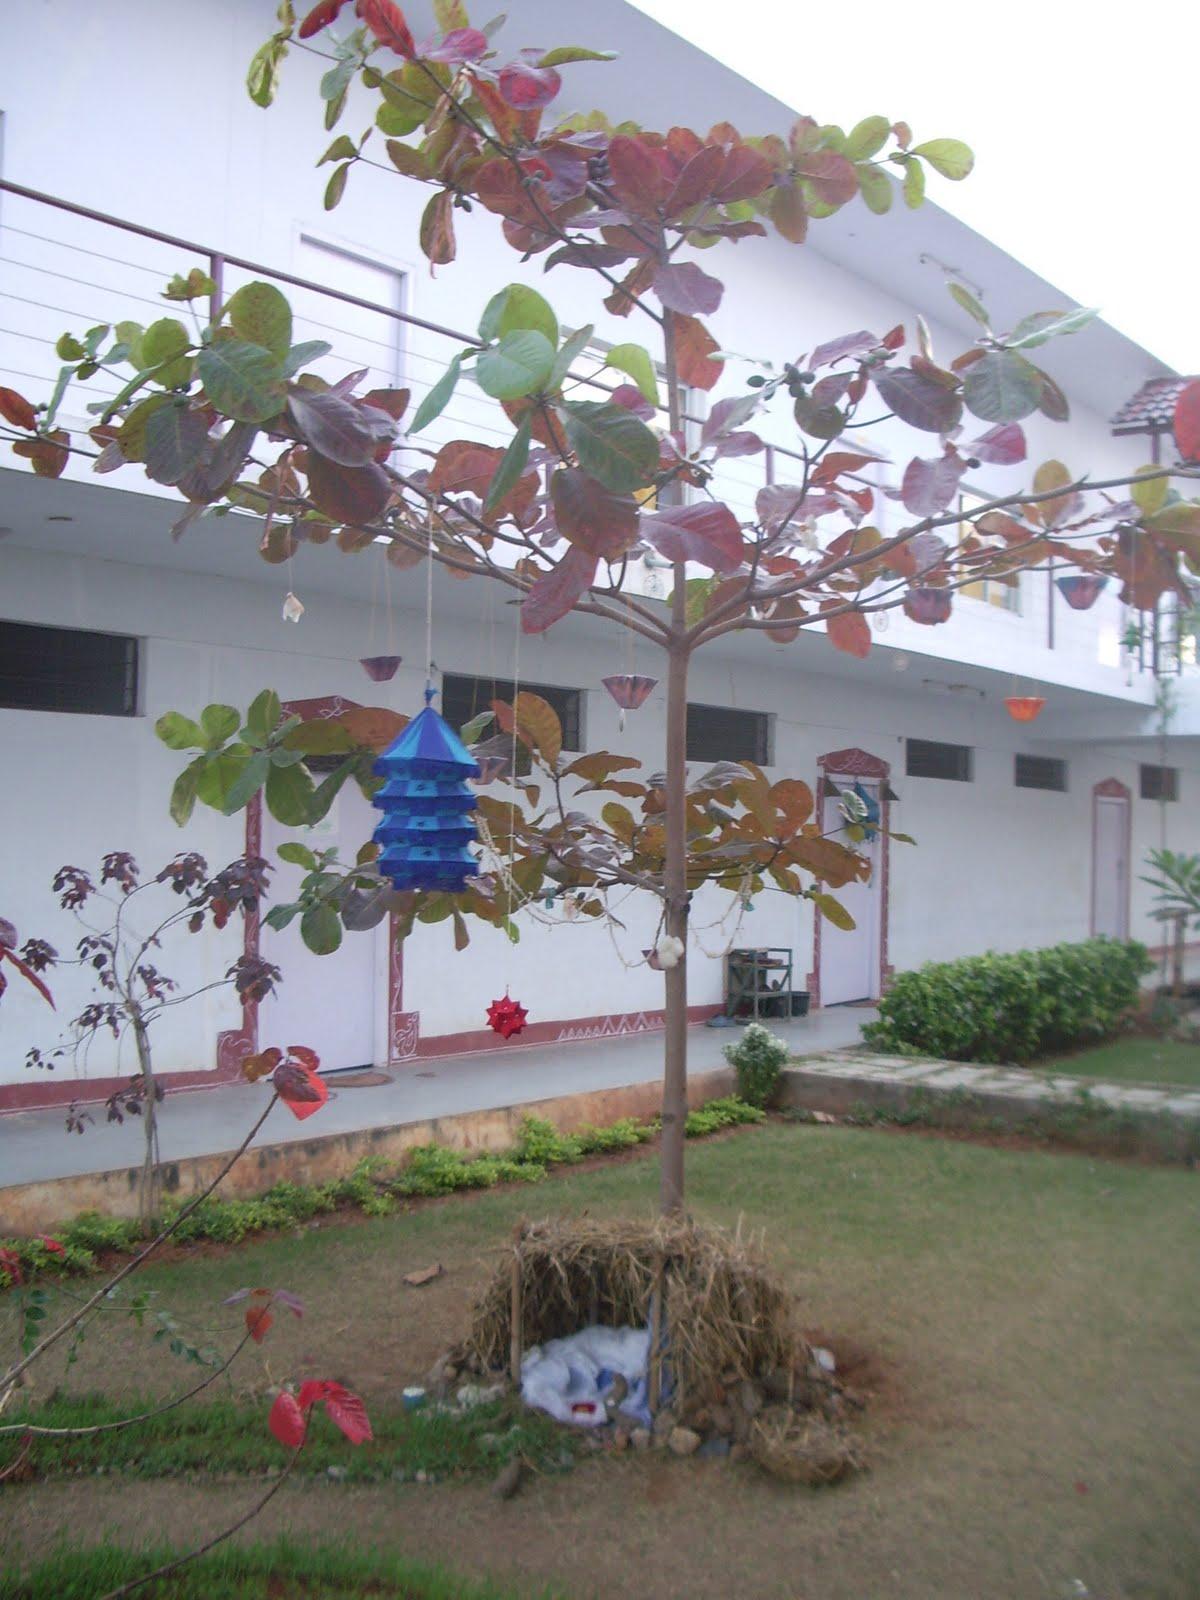 freiwilligen dienst in indien indische weihnachten und mehr. Black Bedroom Furniture Sets. Home Design Ideas